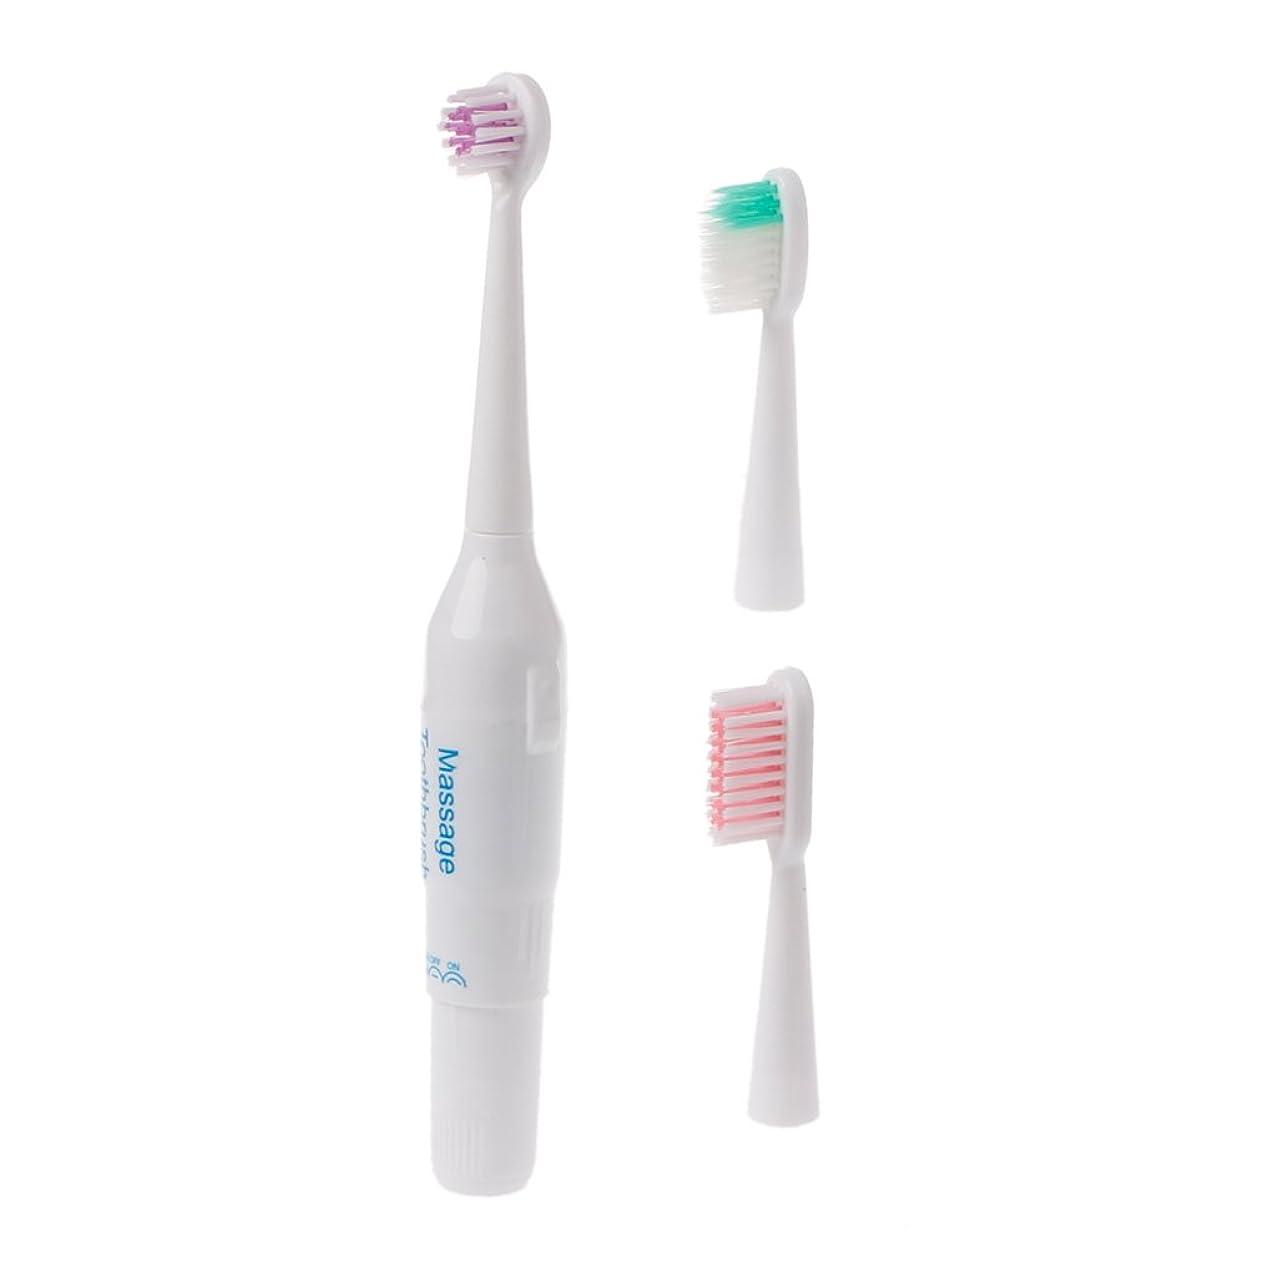 借りている議論するレスリングManyao キッズプロフェッショナル口腔ケアクリーン電気歯ブラシパワーベビー用歯ブラシ